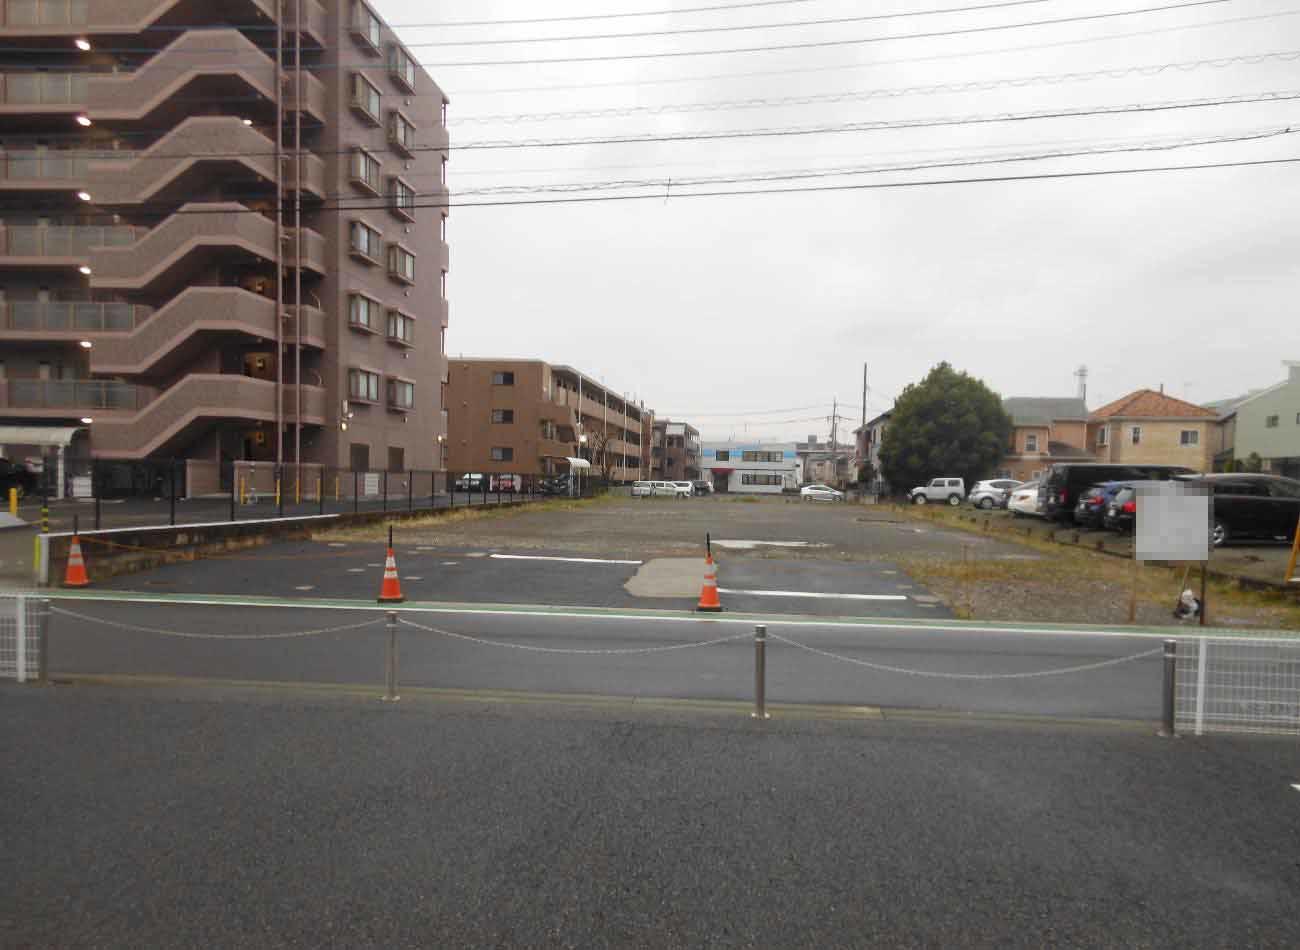 その他小田急線「本厚木」駅まで徒歩圏内。駅周辺の充実した商業施設が気軽に利用できます。東名高速「厚木インターチェンジ」まで約3km。